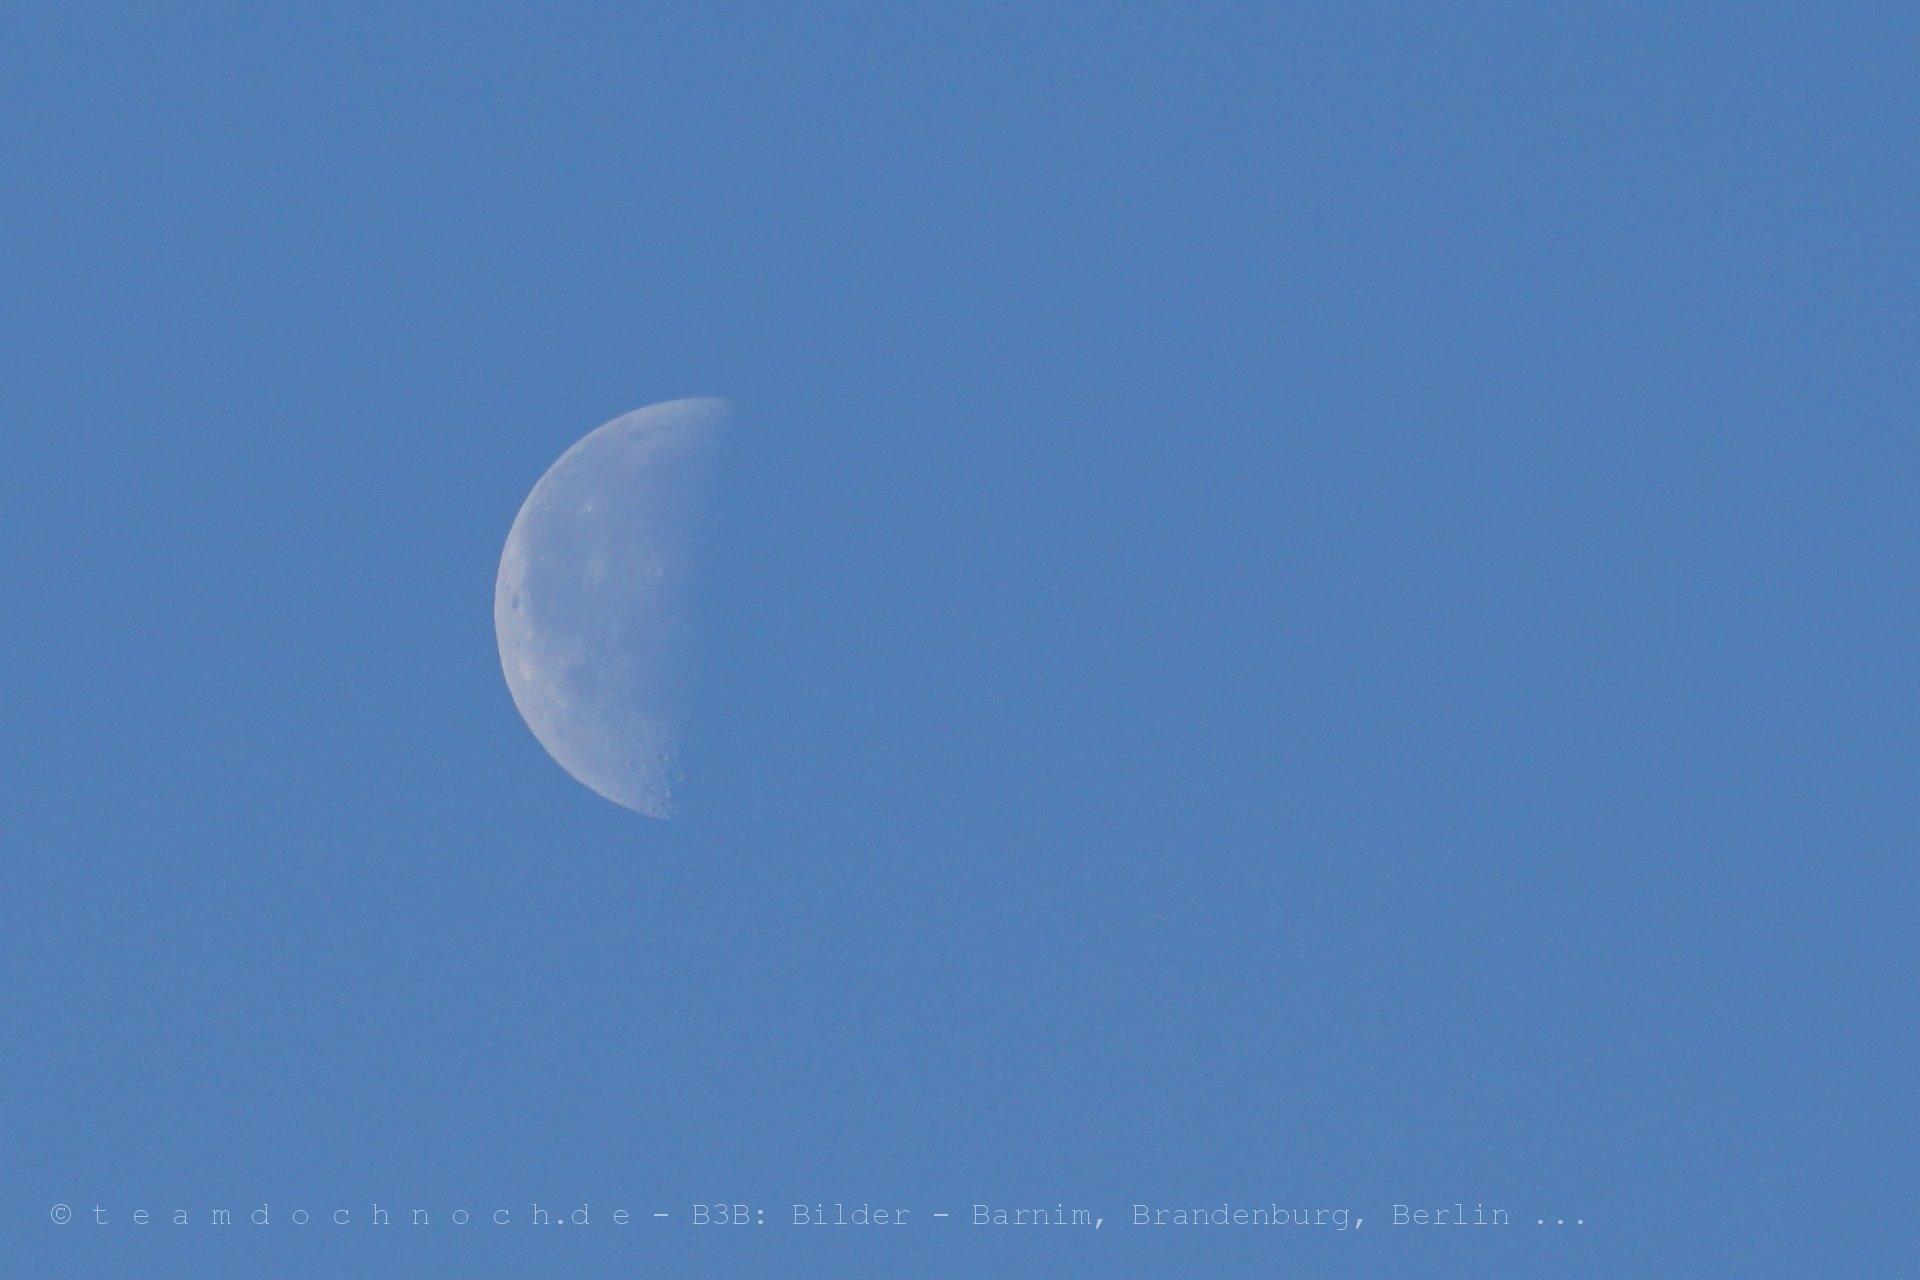 Der halbe Mond um halb sieben